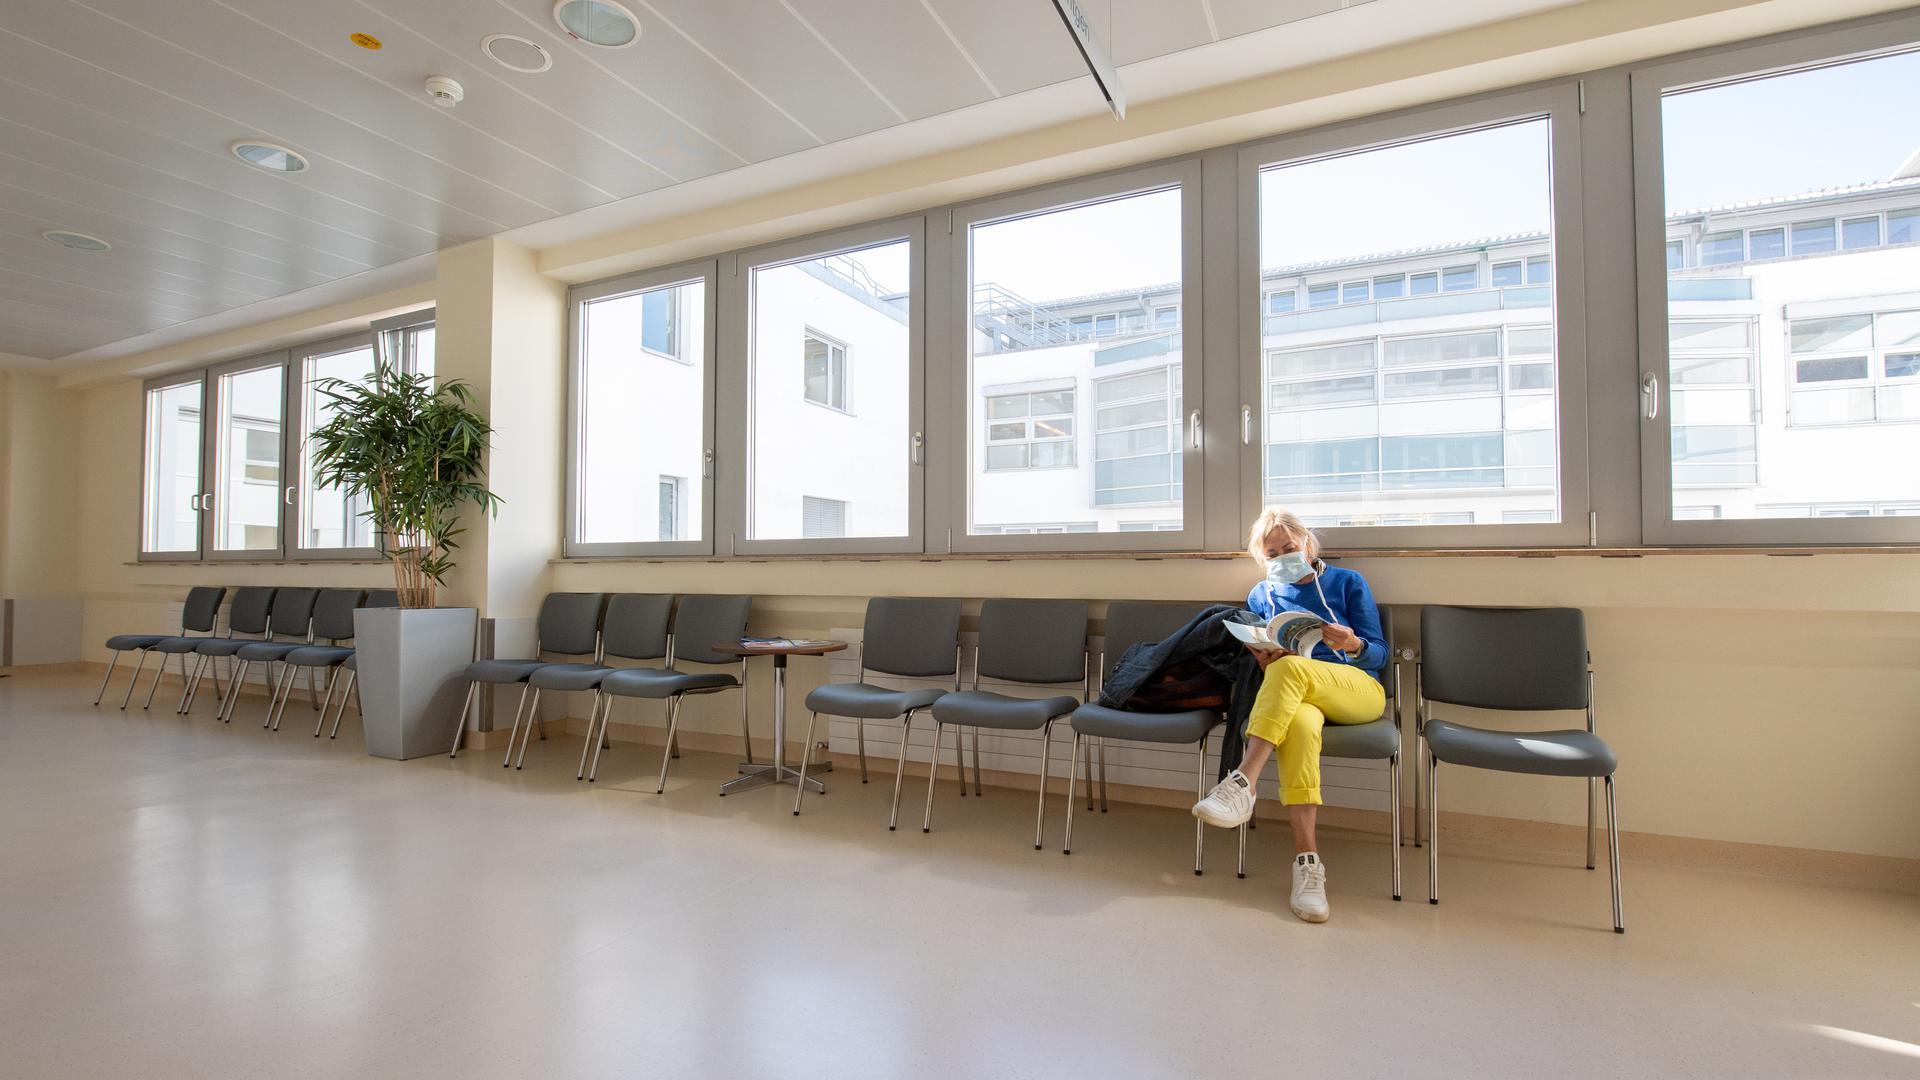 Eine Patientin mit Mundschutz wartet in einem ansonsten leeren Wartebereich in einer Klinik in Gauting bei München. Die Corona-Krise lässt deutschlandweit die Umsätze der Krankenhäuser schrumpfen. Manche Kliniken fürchten Zahlungsschwierigkeiten. +++ dpa-Bildfunk +++